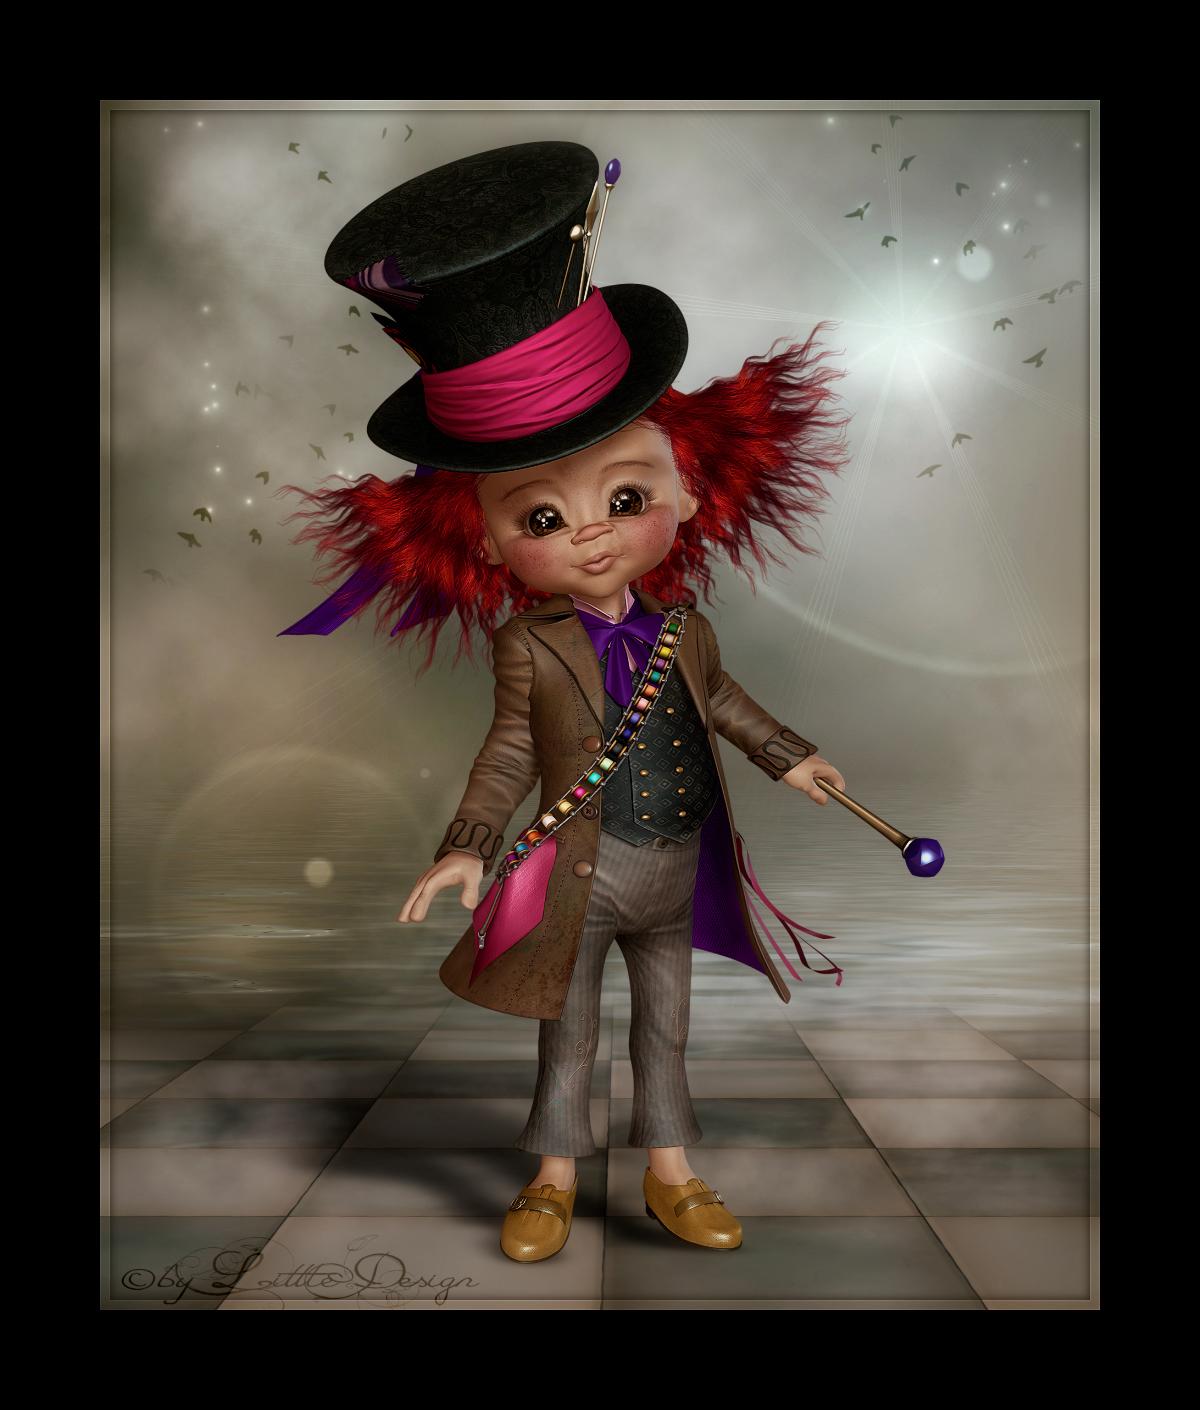 Littledesign The Crazy Hatter